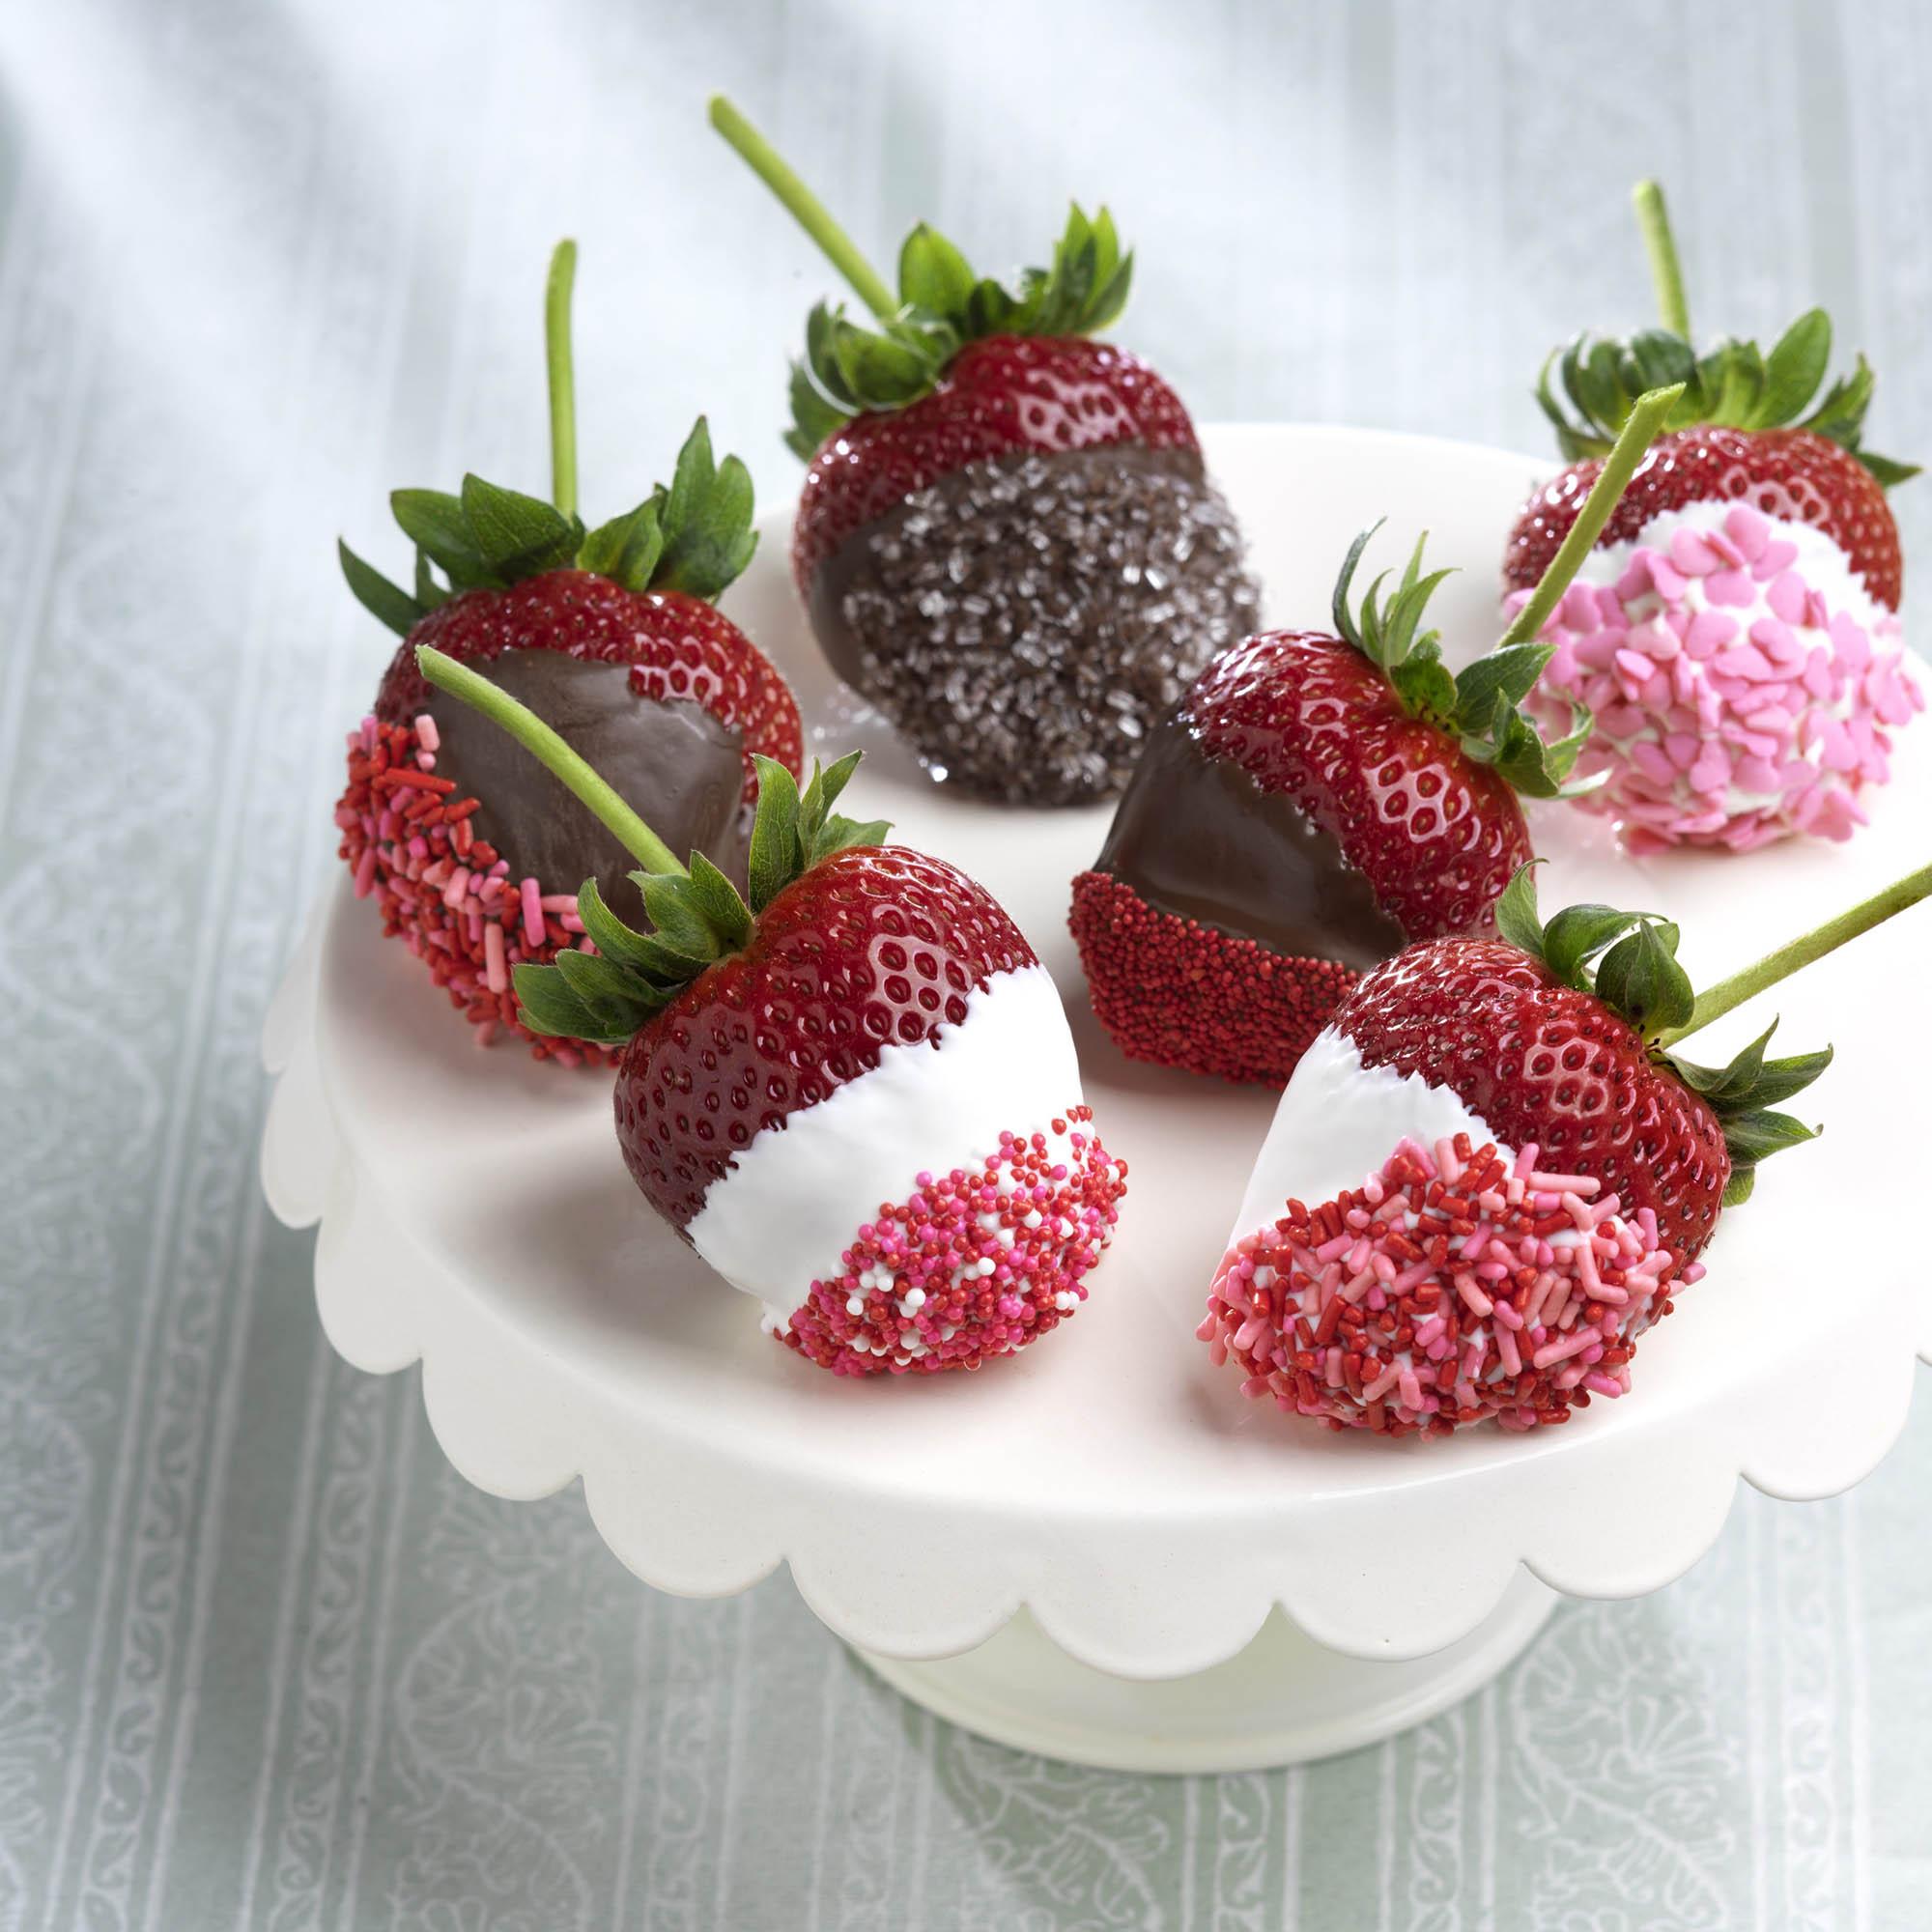 Godiva Chocolate Covered Strawberries Gluten Free